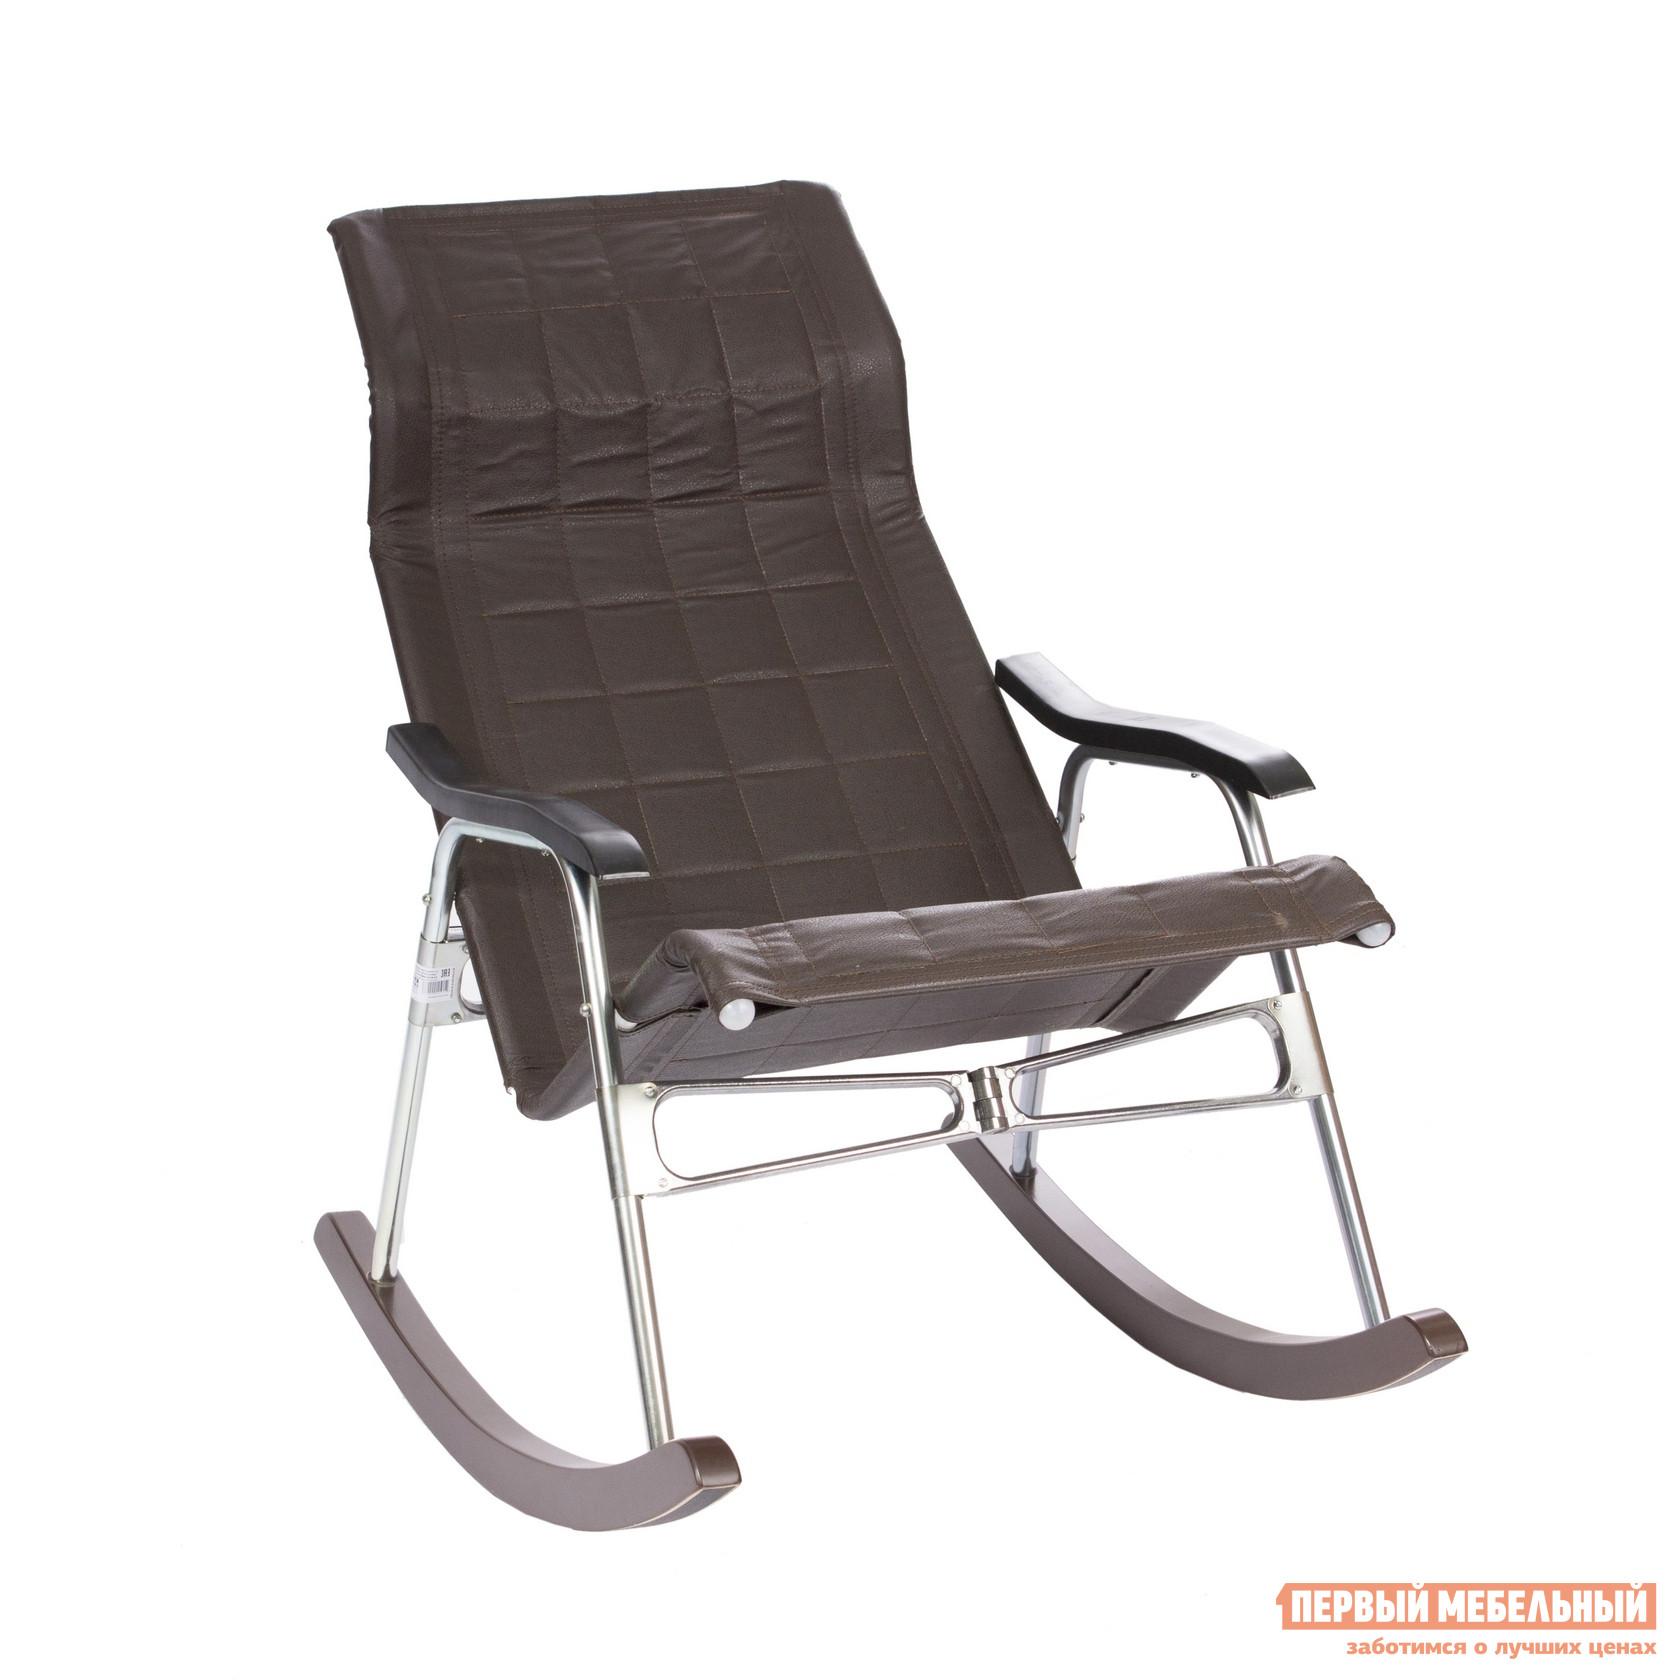 Кресло-качалка Мебель Импэкс Кресло-качалка складное Белтех